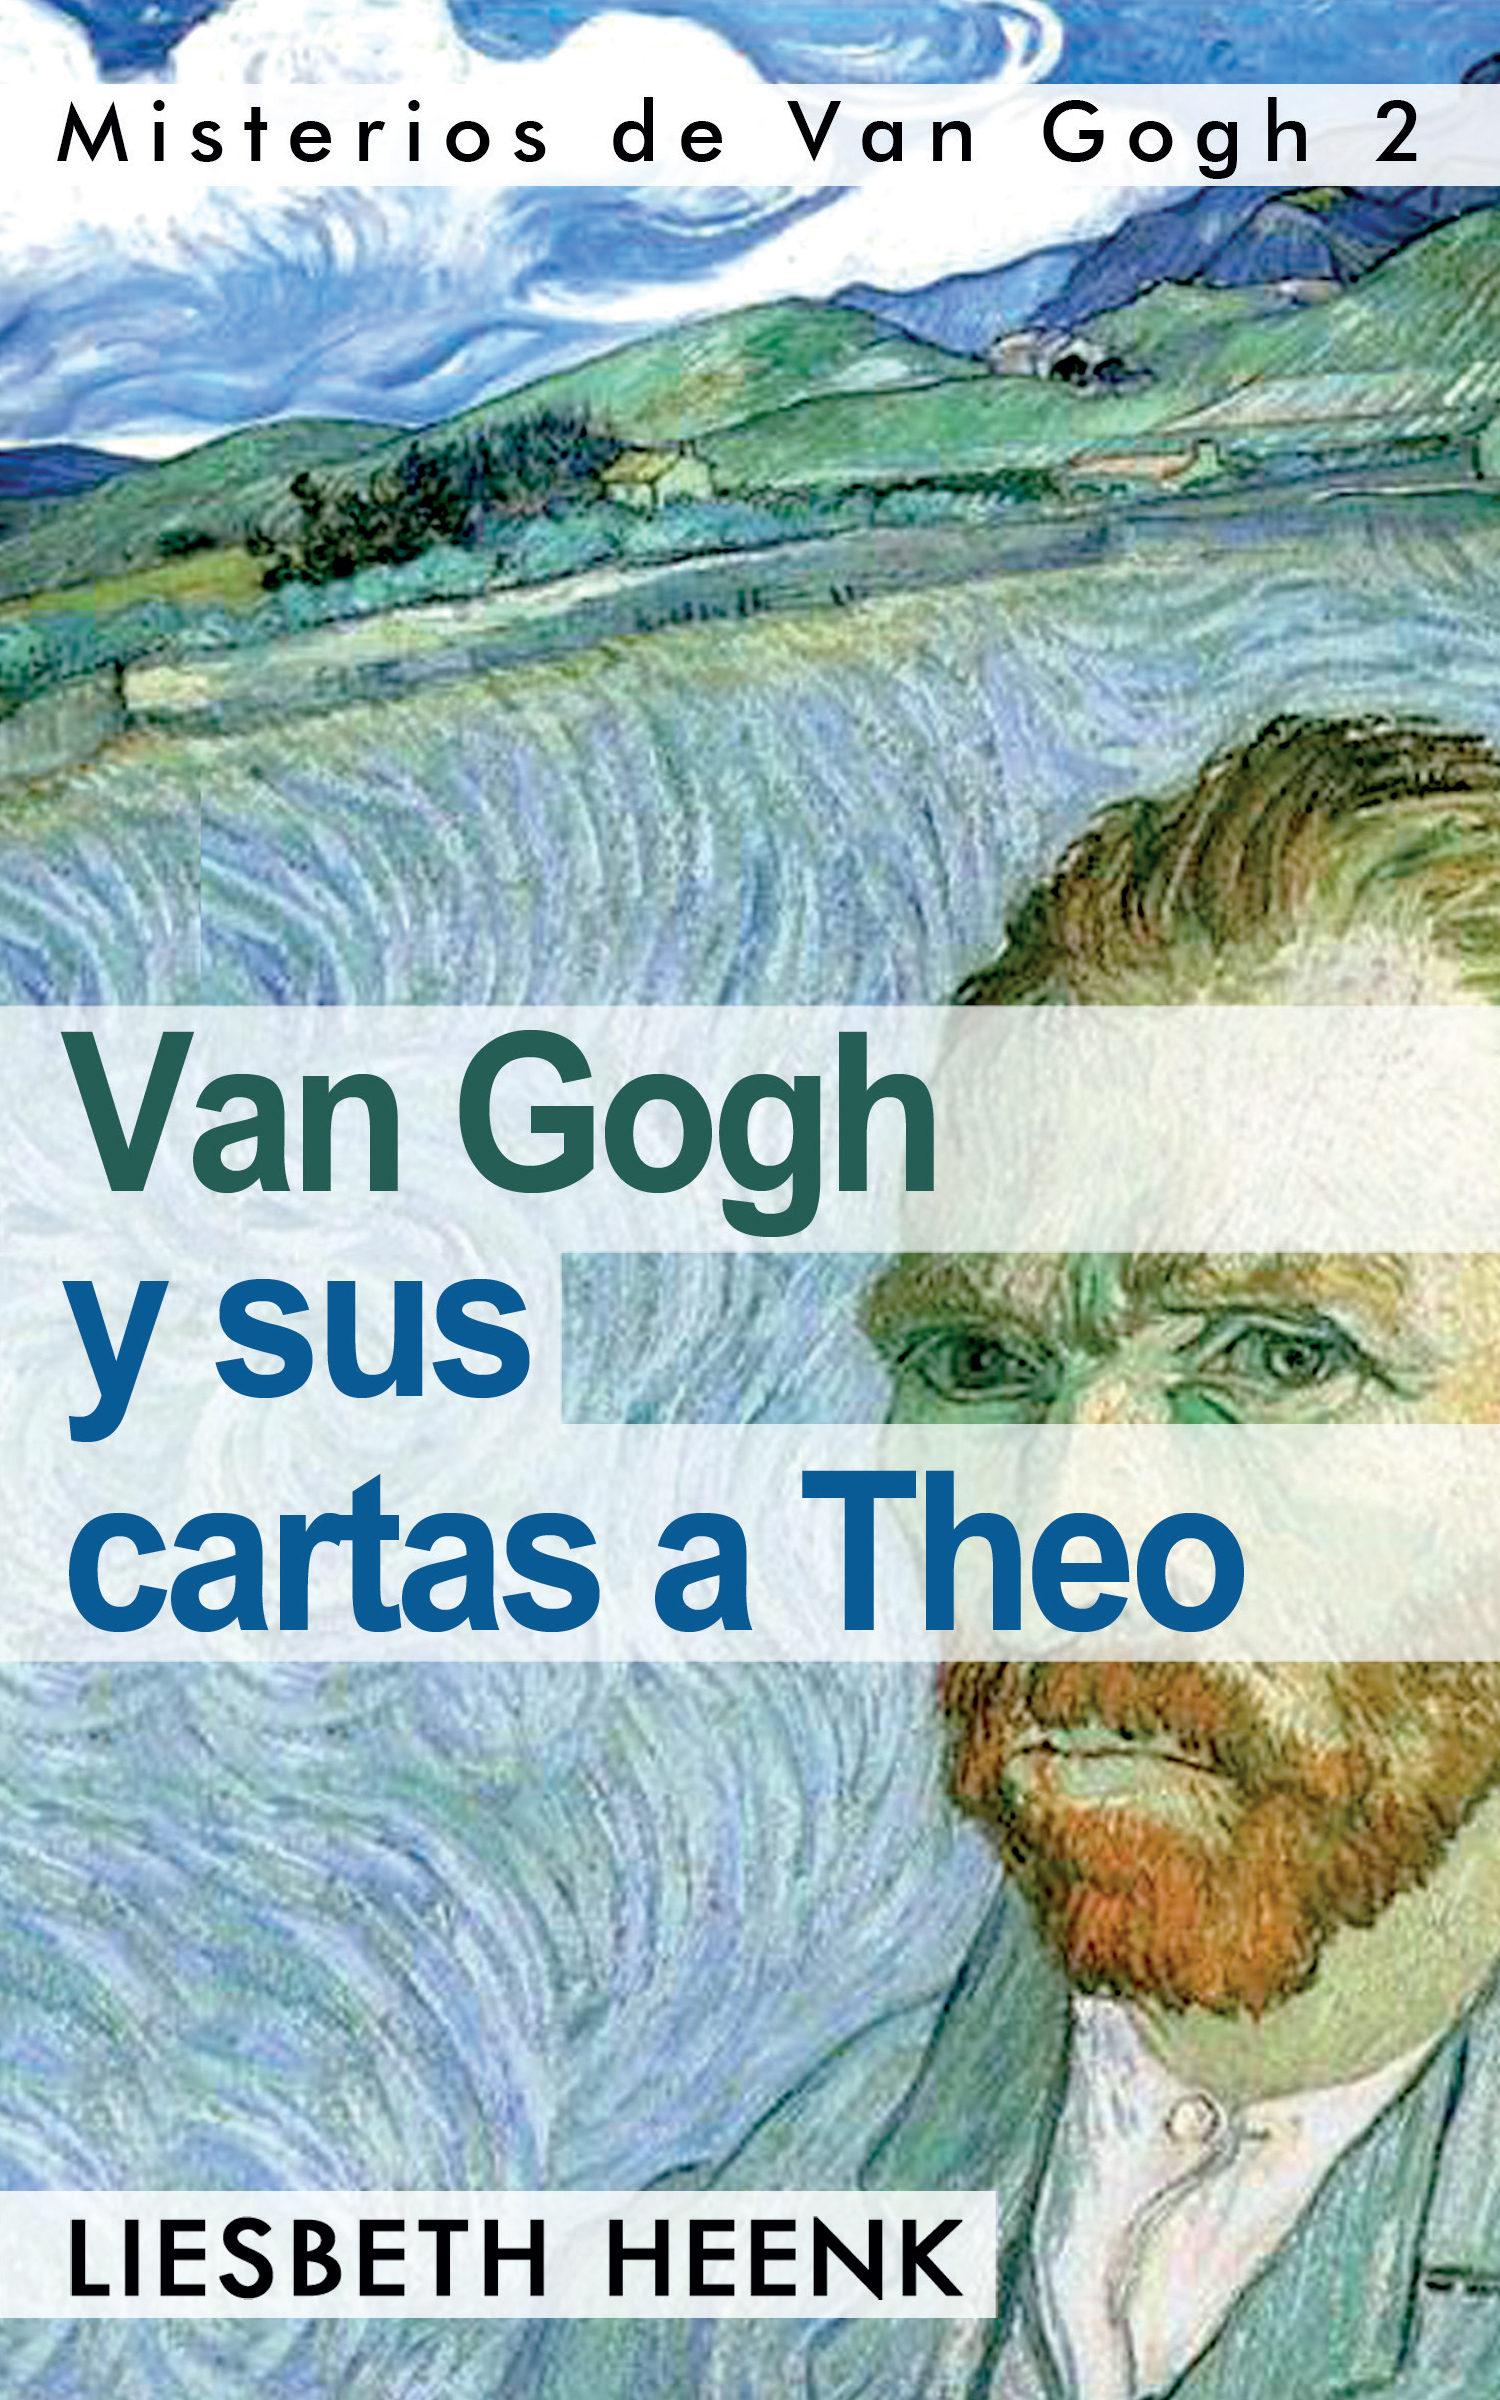 Van Gogh Y Cartas Theoebook A Sus T1cJFKl